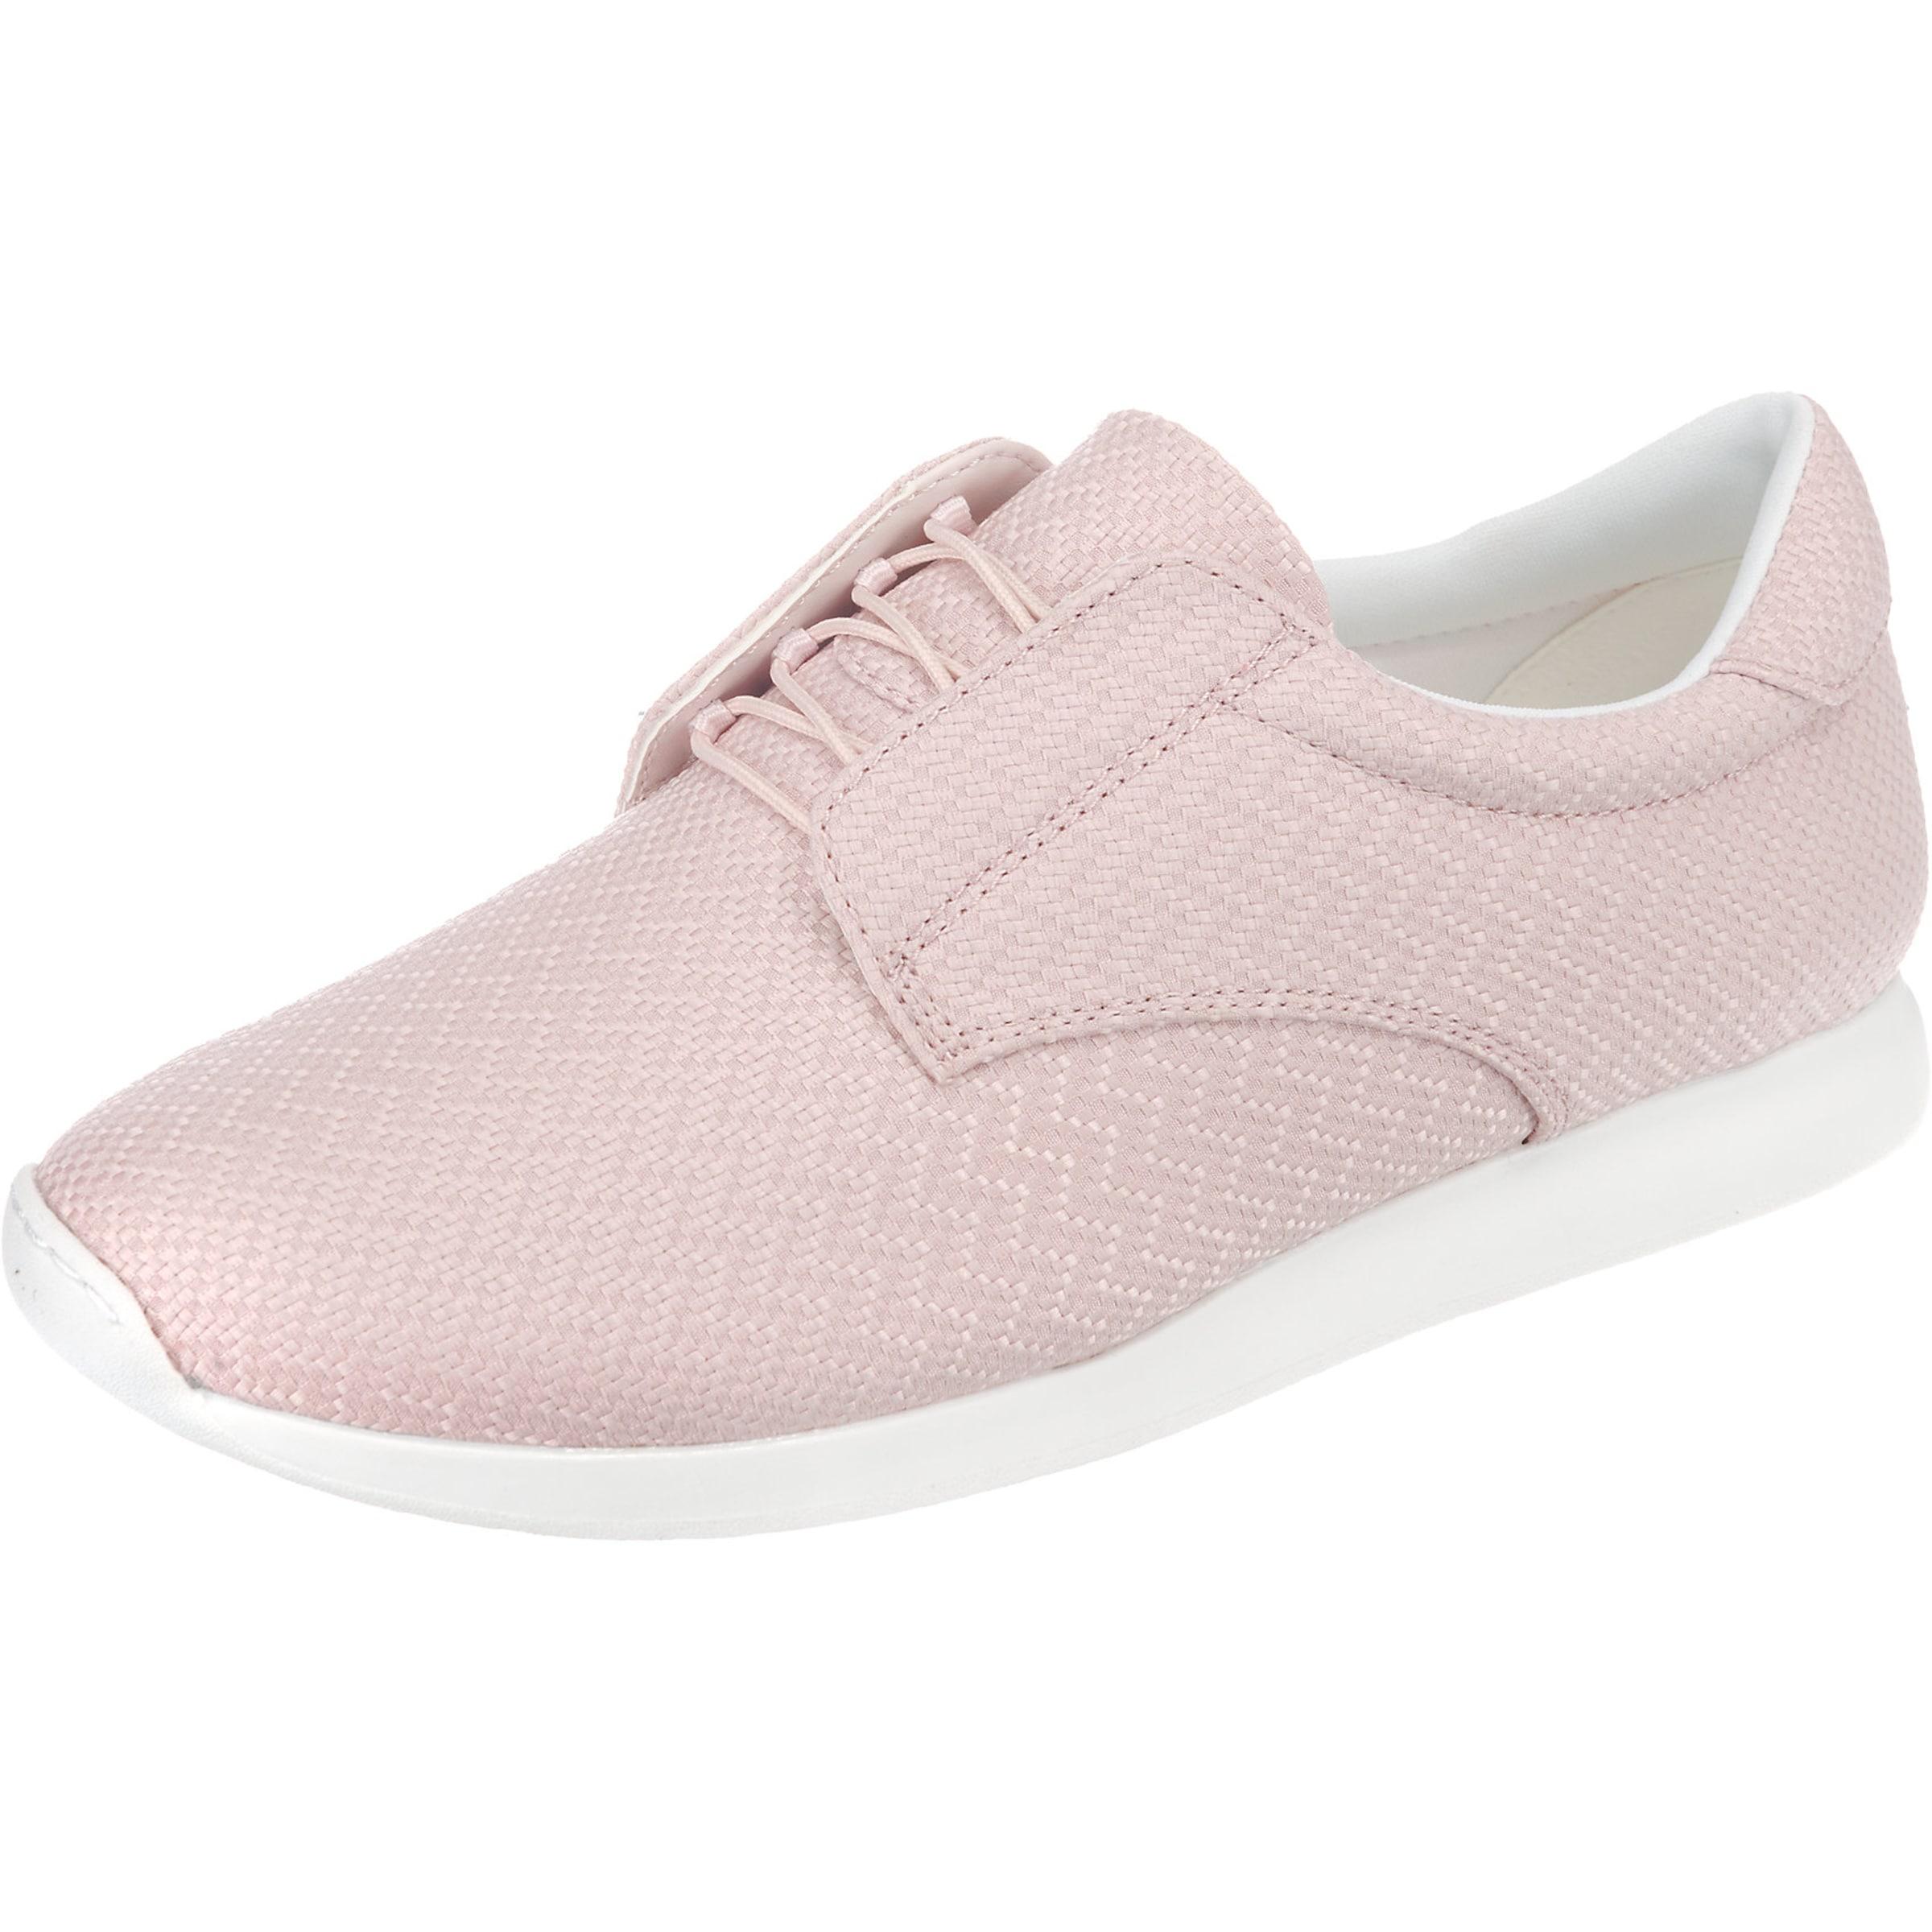 Vagabond Shoemakers Sneaker 'Kasai' Grau QhQZP3